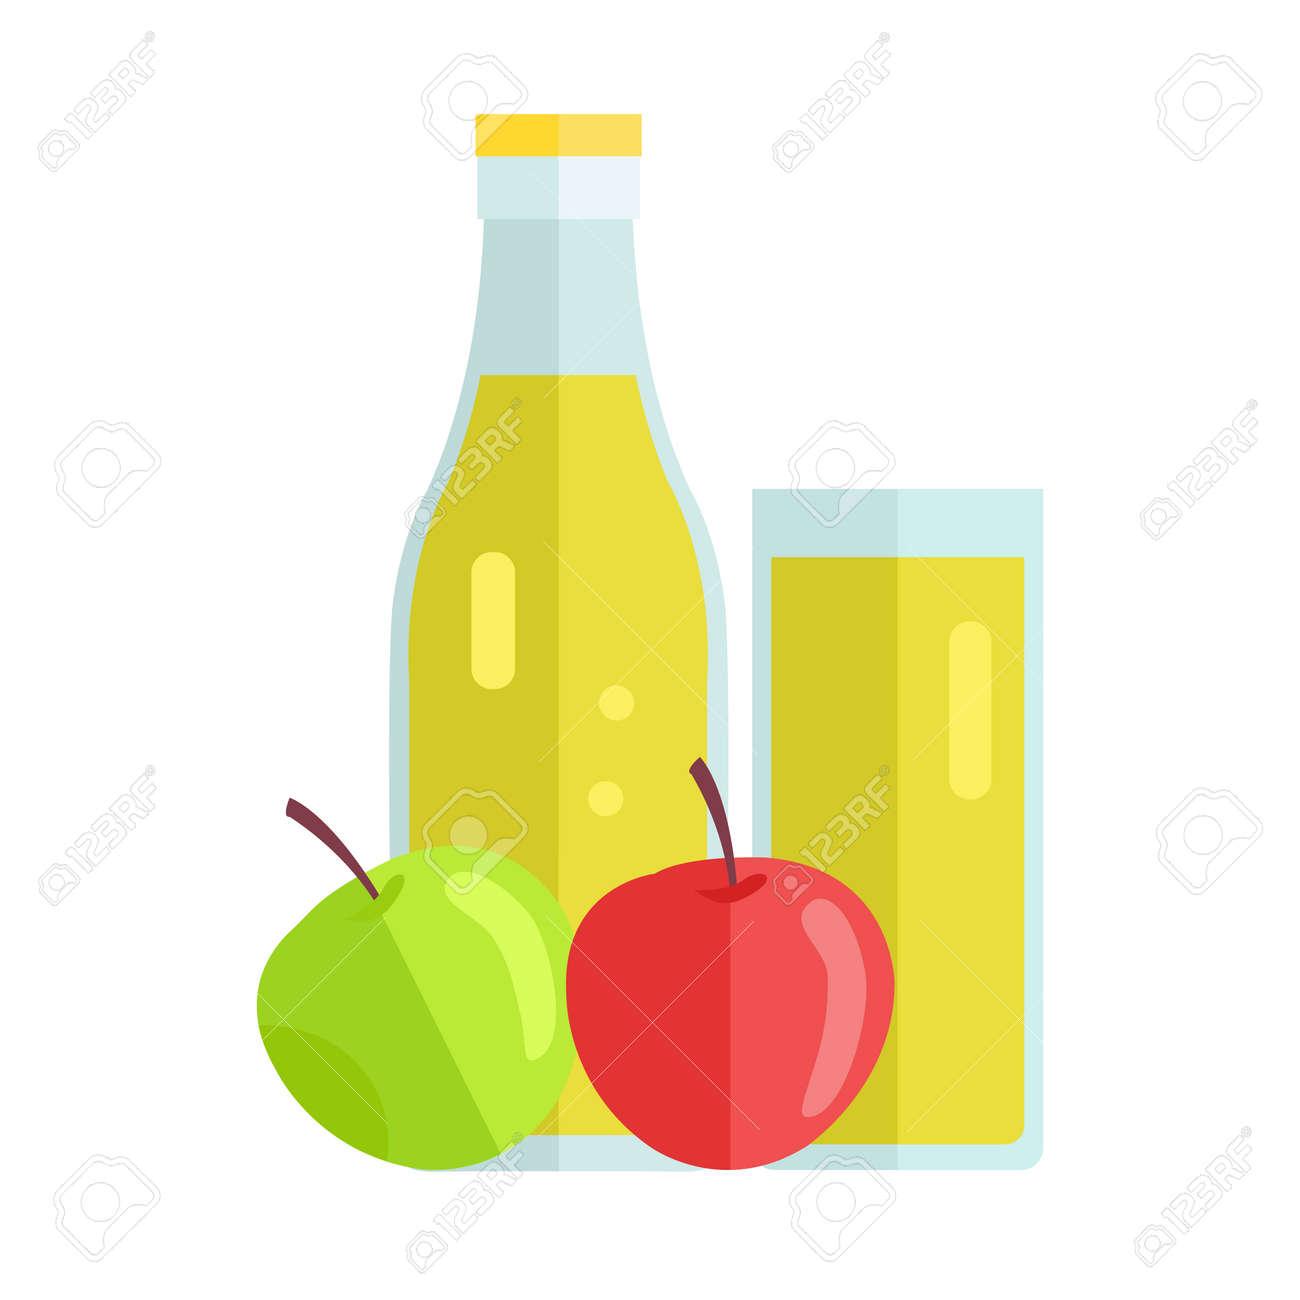 bouteille et verre avec pomme boisson. vecteur de design plat. boisson  d'été doux, le concept de jus de fruits frais. illustration des icônes, des